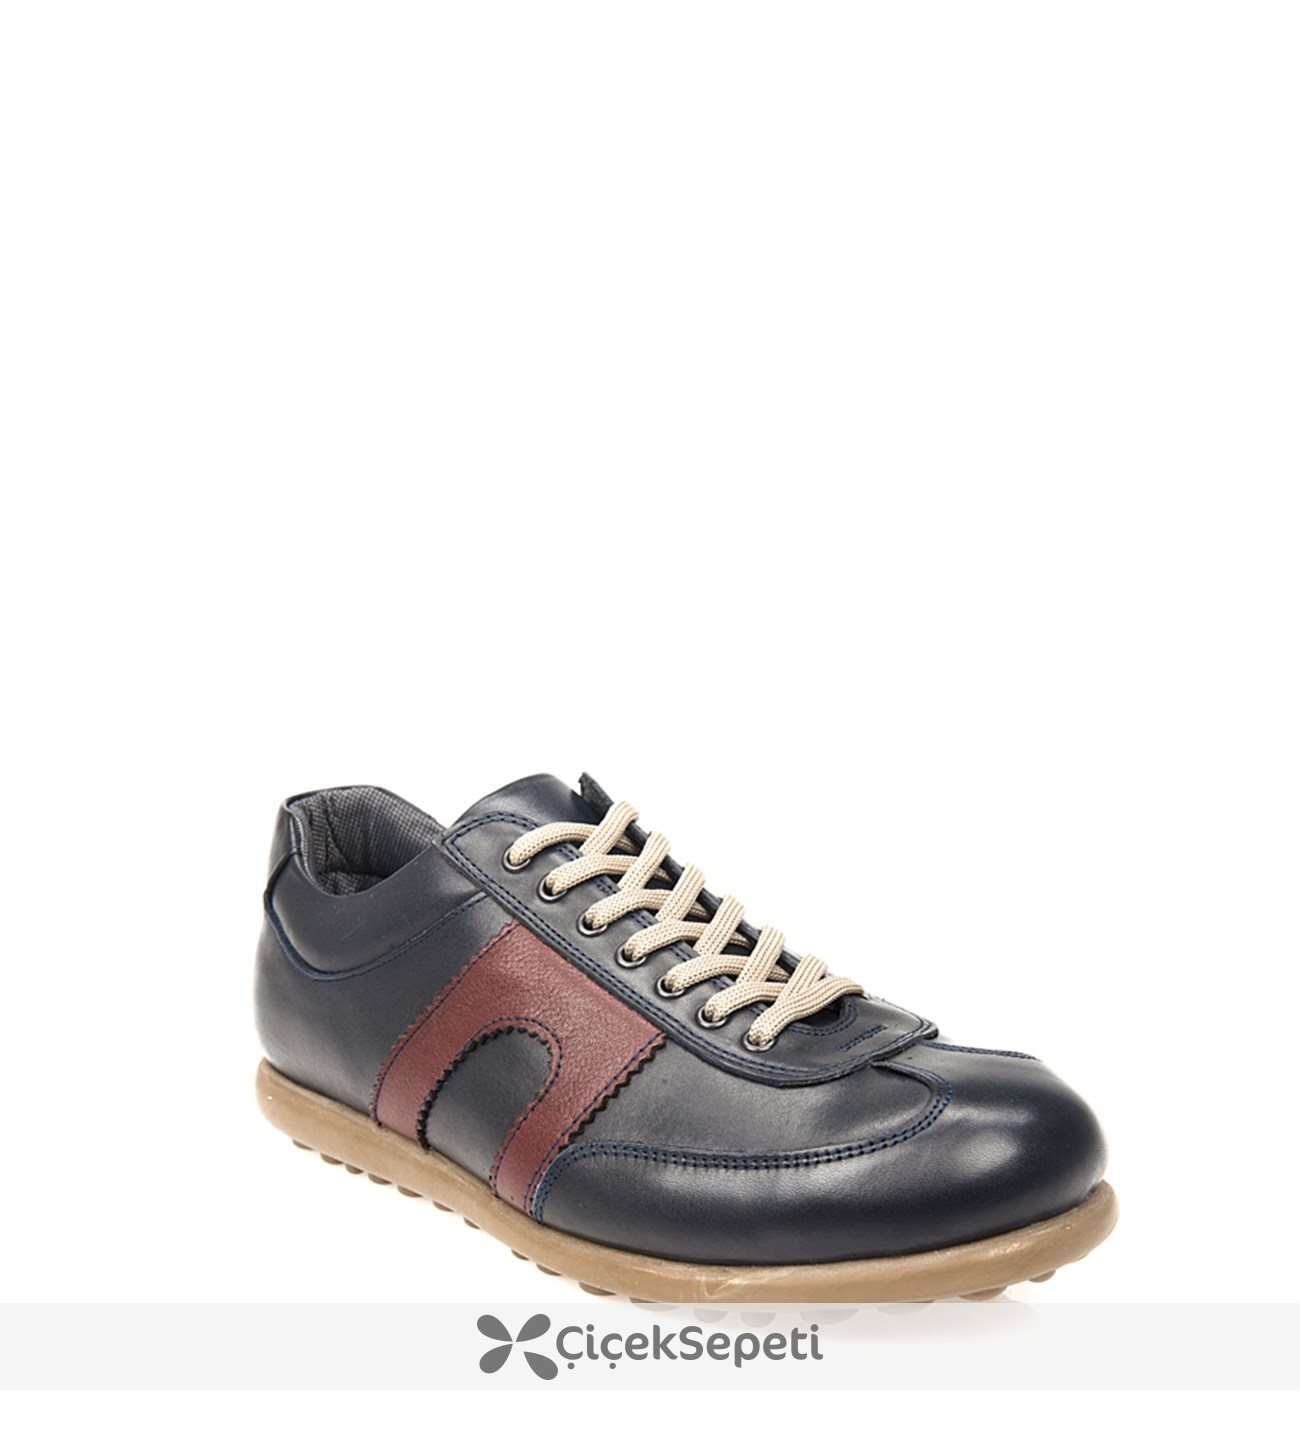 Ziya Erkek Hakiki Deri Ayakkabı 8171 292 Laci-Bordo